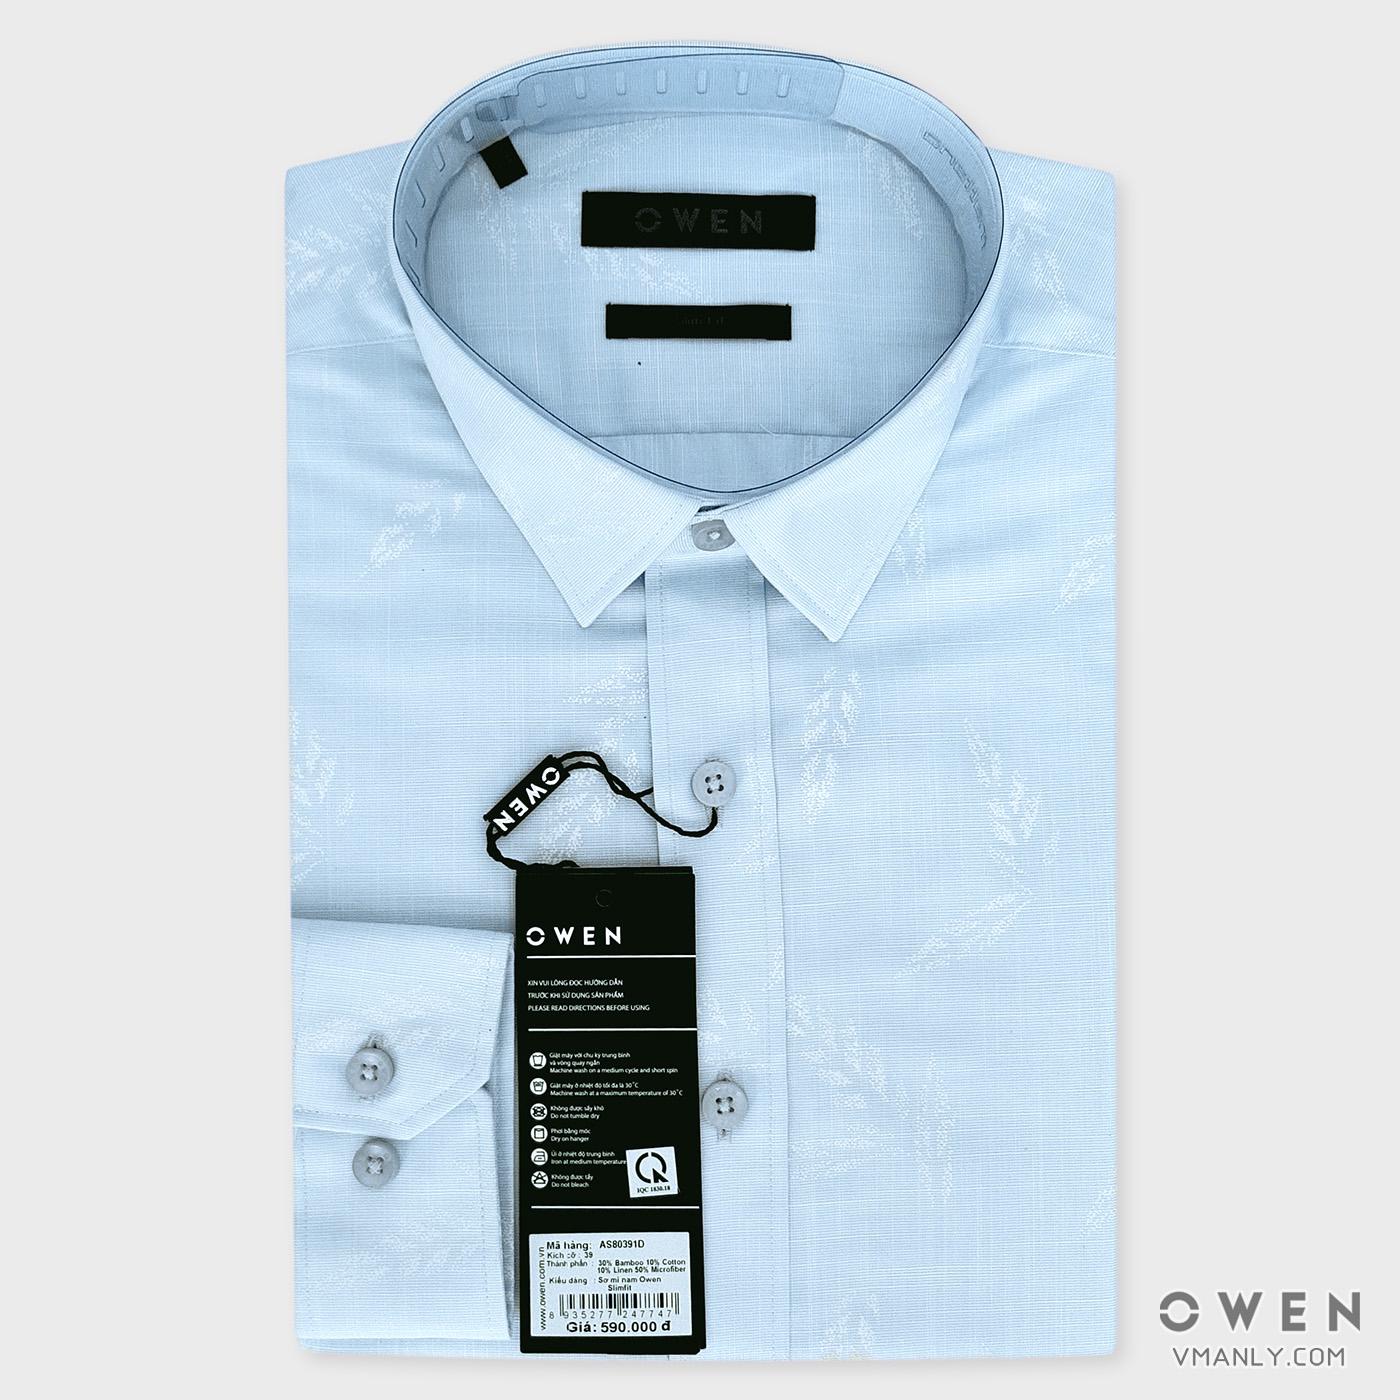 Áo sơ mi nam dài tay Owen màu xanh hoa văn AS80391D